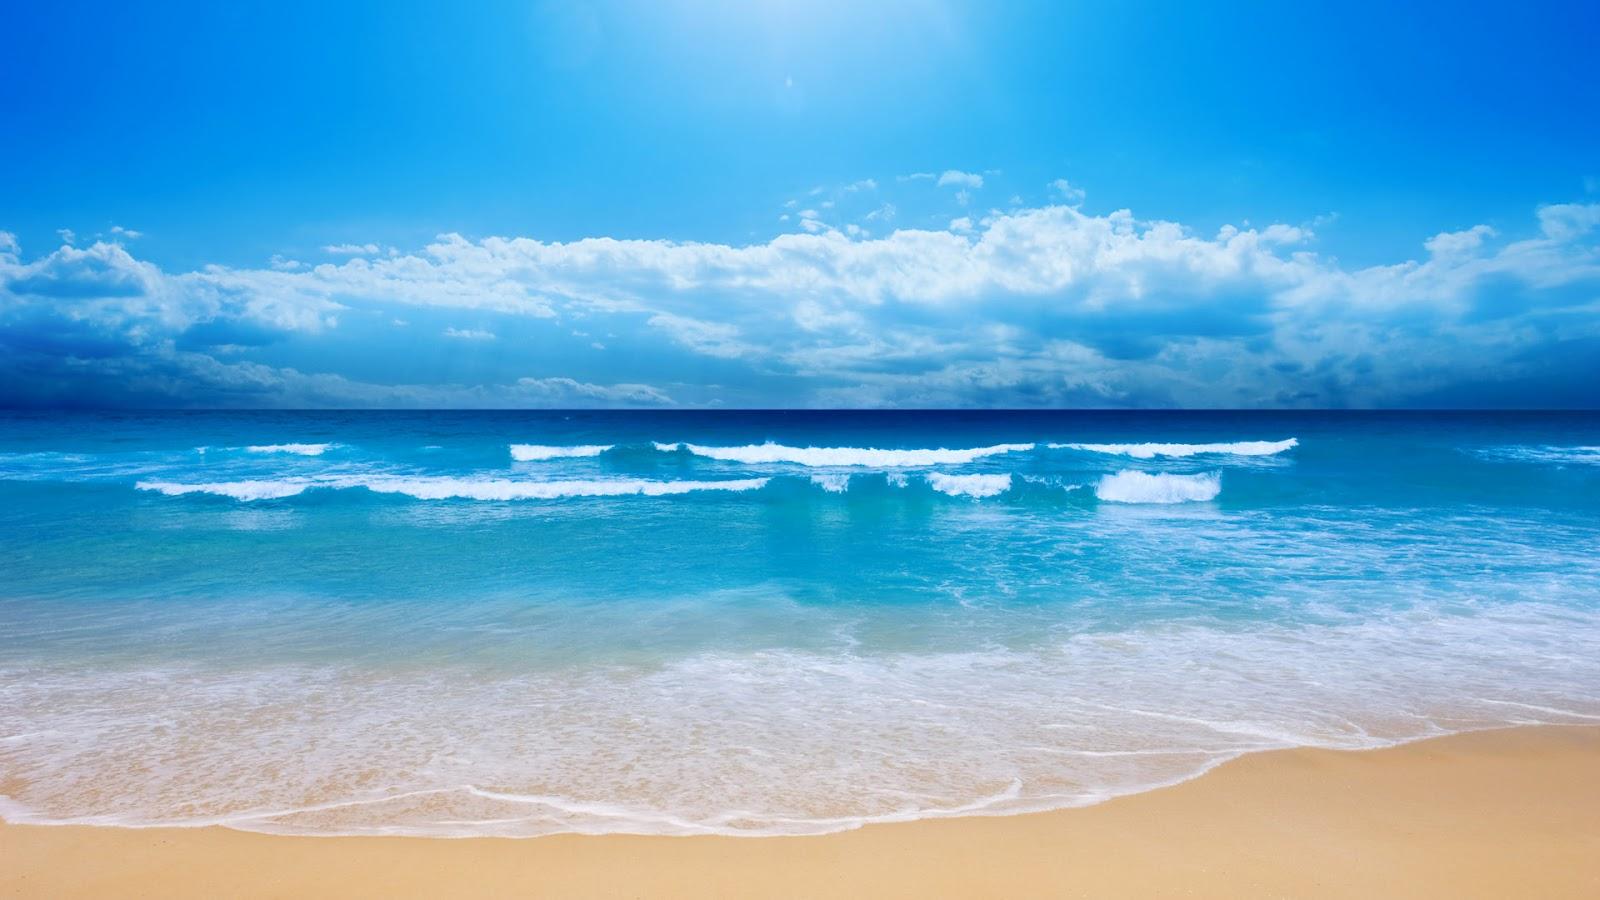 aigua de mar